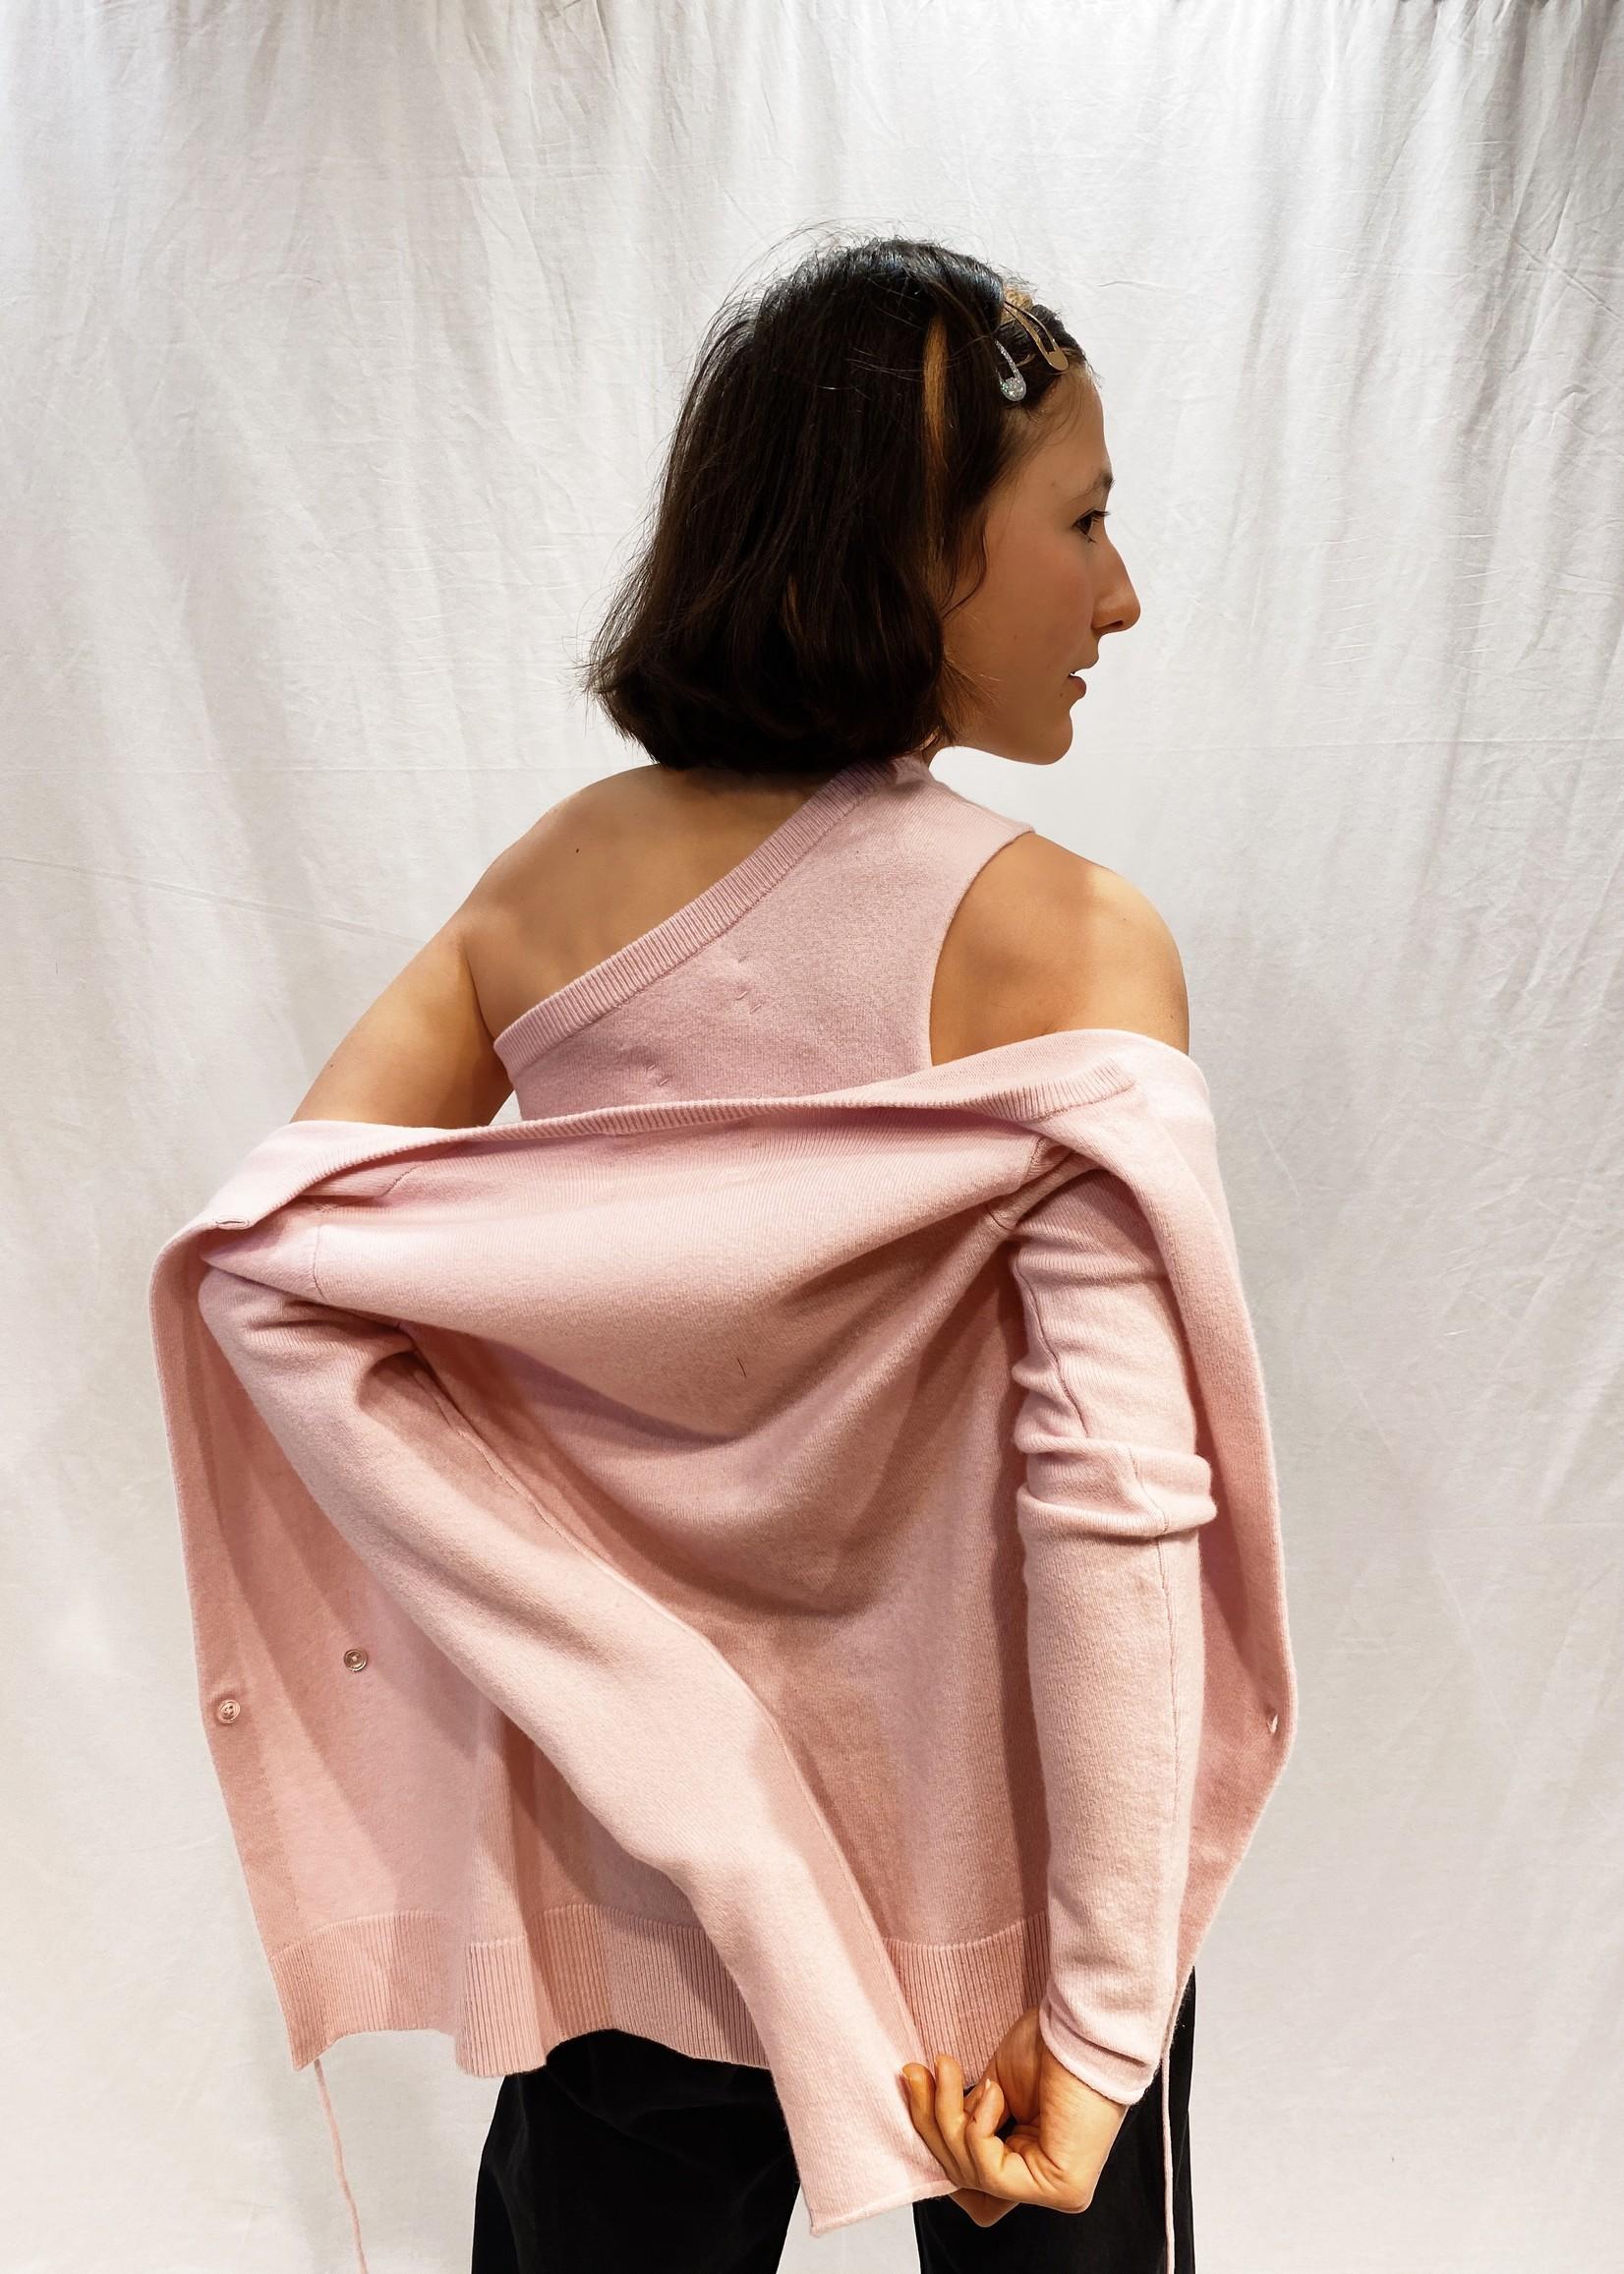 extremecashmere x Extreme cashmere asymmetrie top mallow